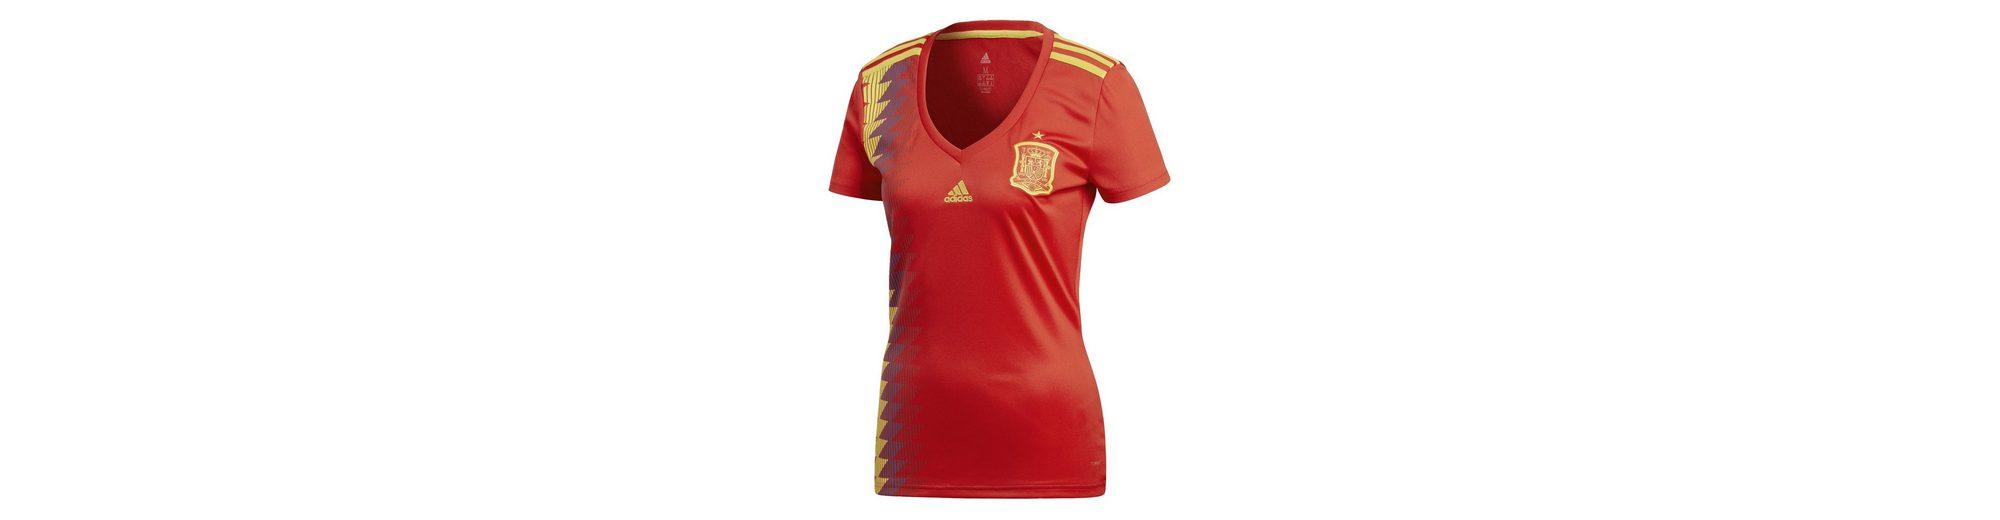 Footballtrikot adidas Spanien Performance Footballtrikot adidas Spanien Heimtrikot adidas Heimtrikot Spanien Performance Footballtrikot Performance qOFE4wxE5d